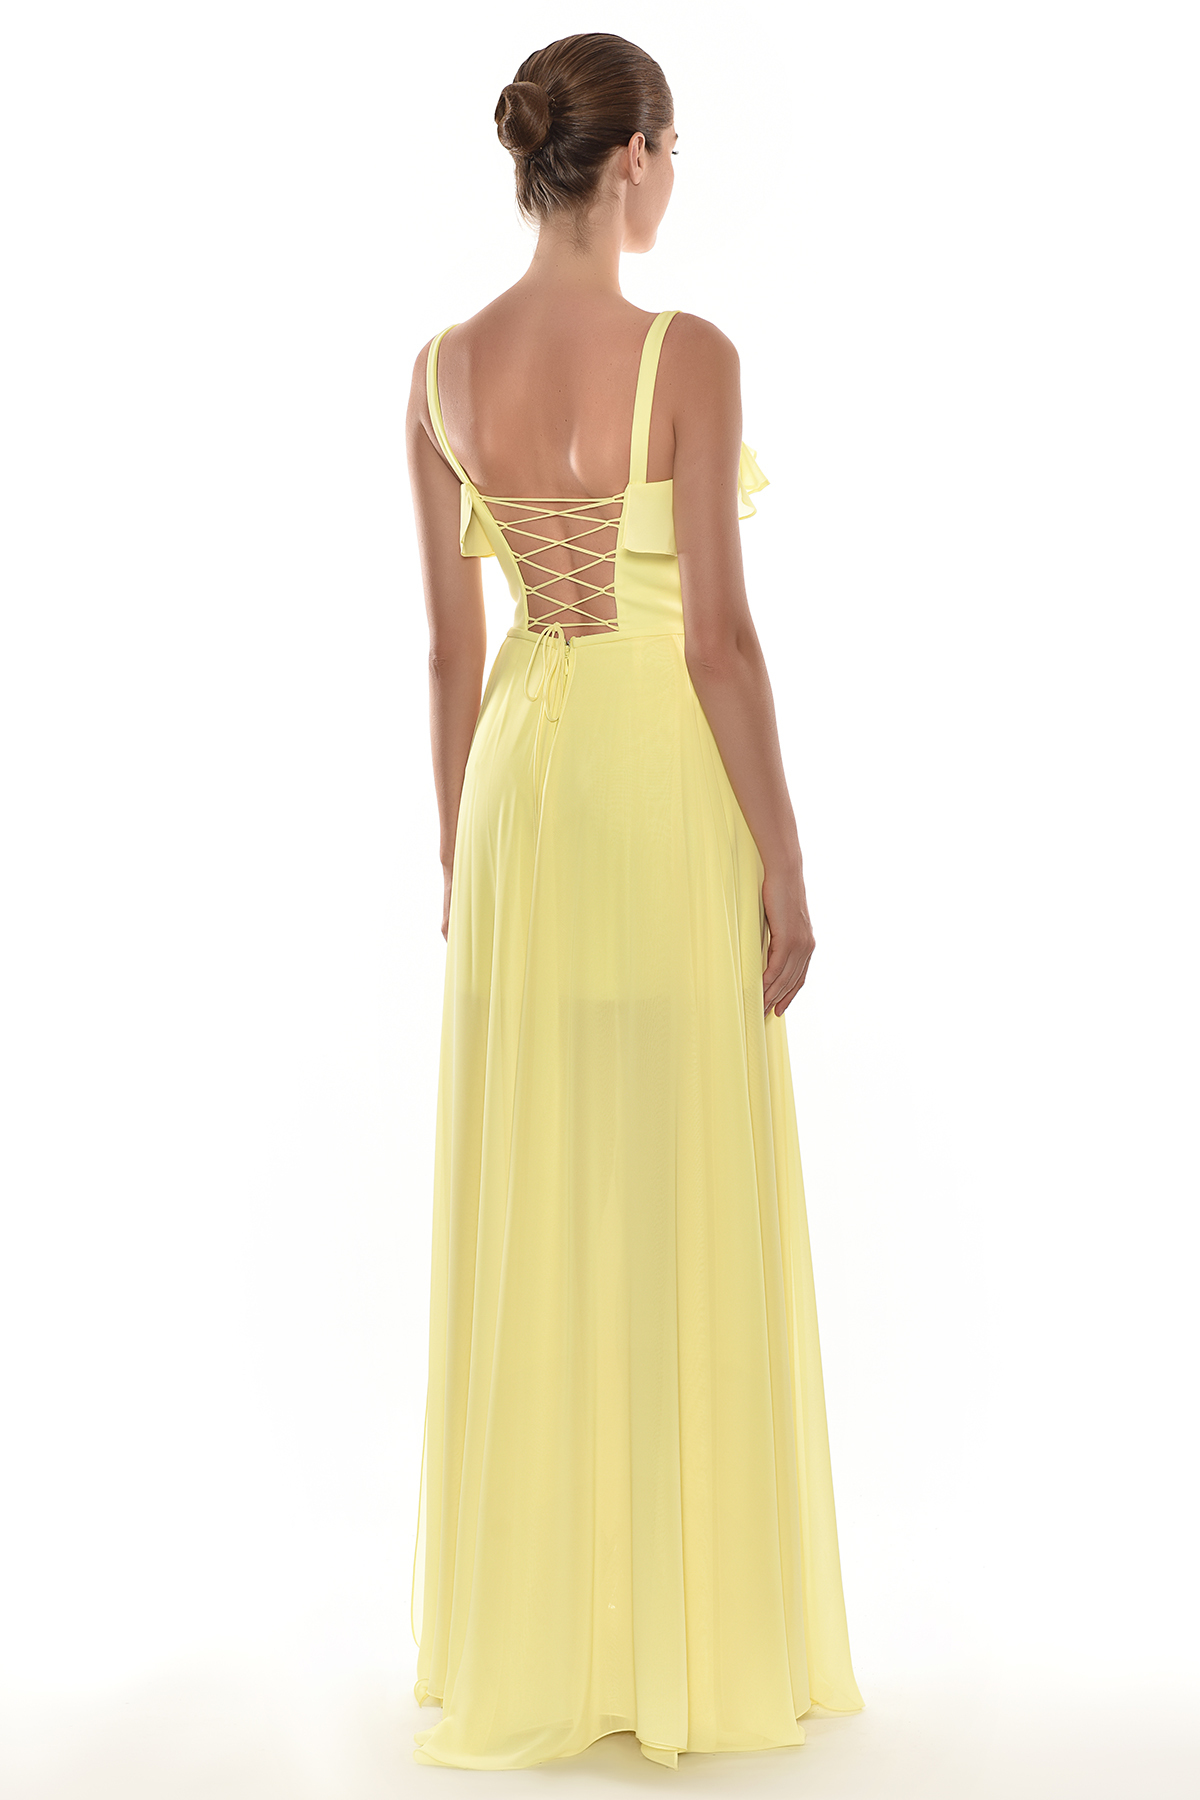 Alfa Beta - Sarı Kalın Askılı Çapraz Bant Dekolteli Şifon Uzun Elbise (1)